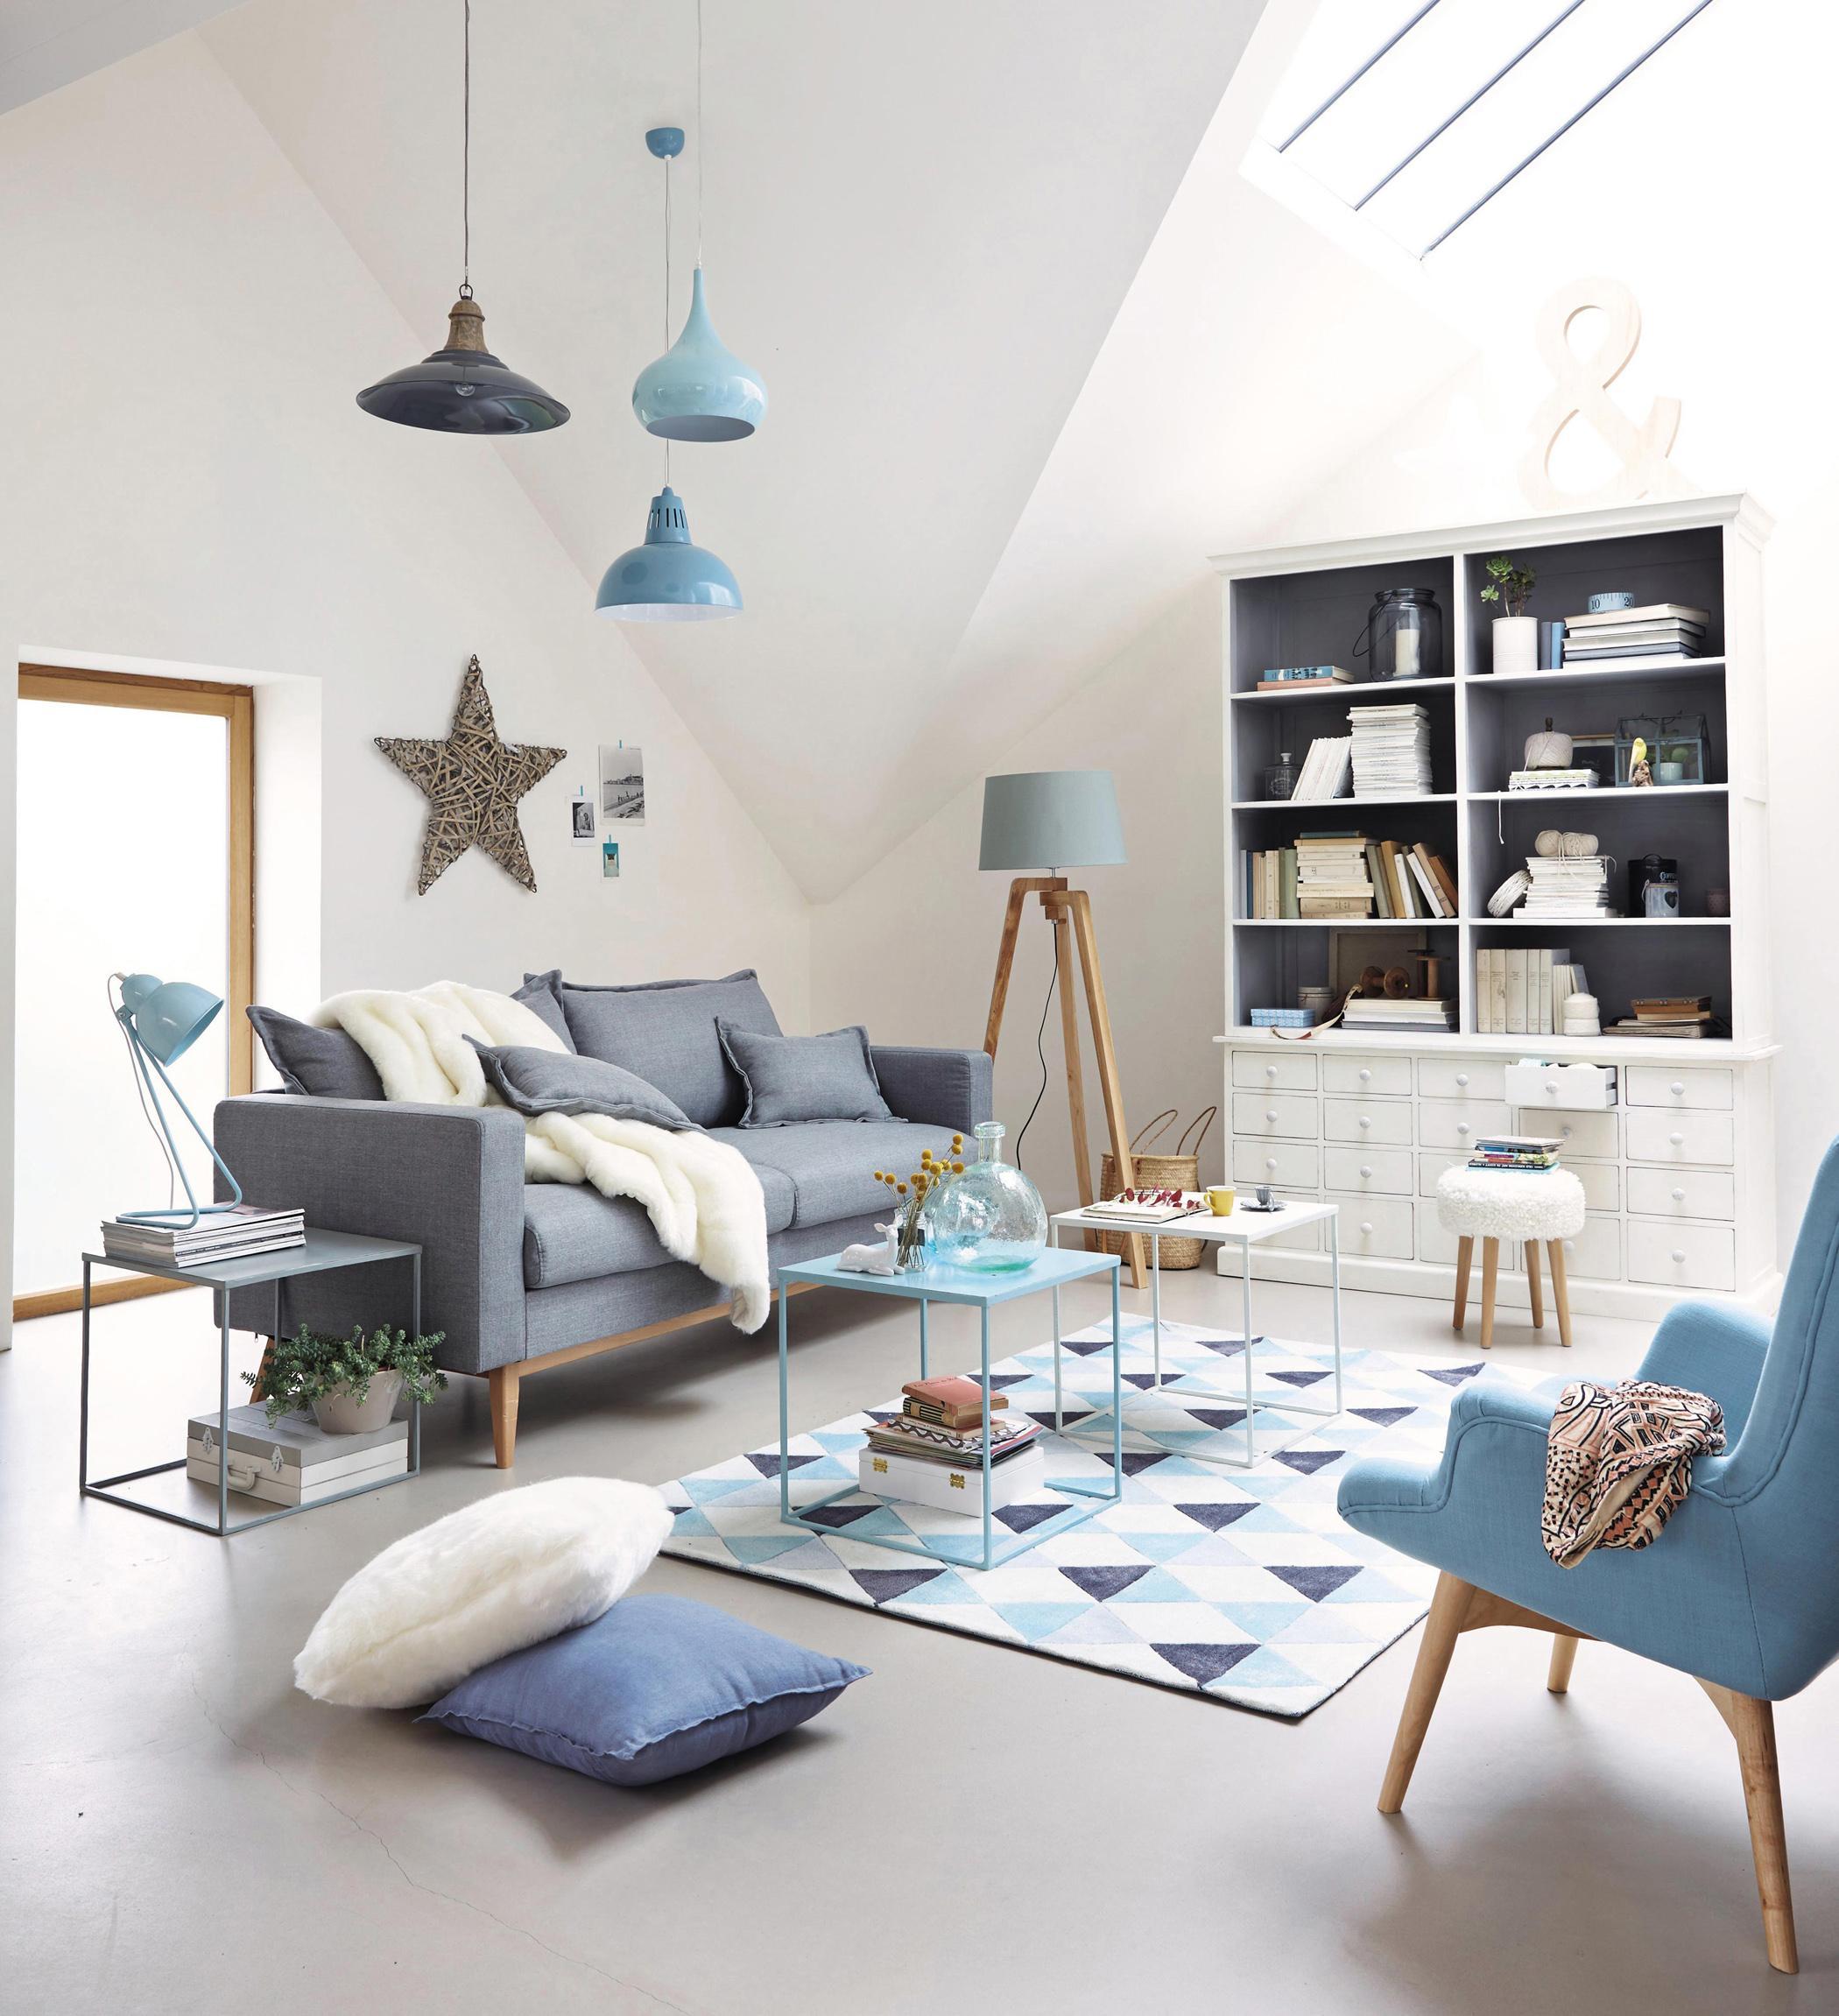 Entzuckend Wohnzimmer In Blau Grau #couchtisch #beistelltisch #teppich #sessel  #stehlampe #